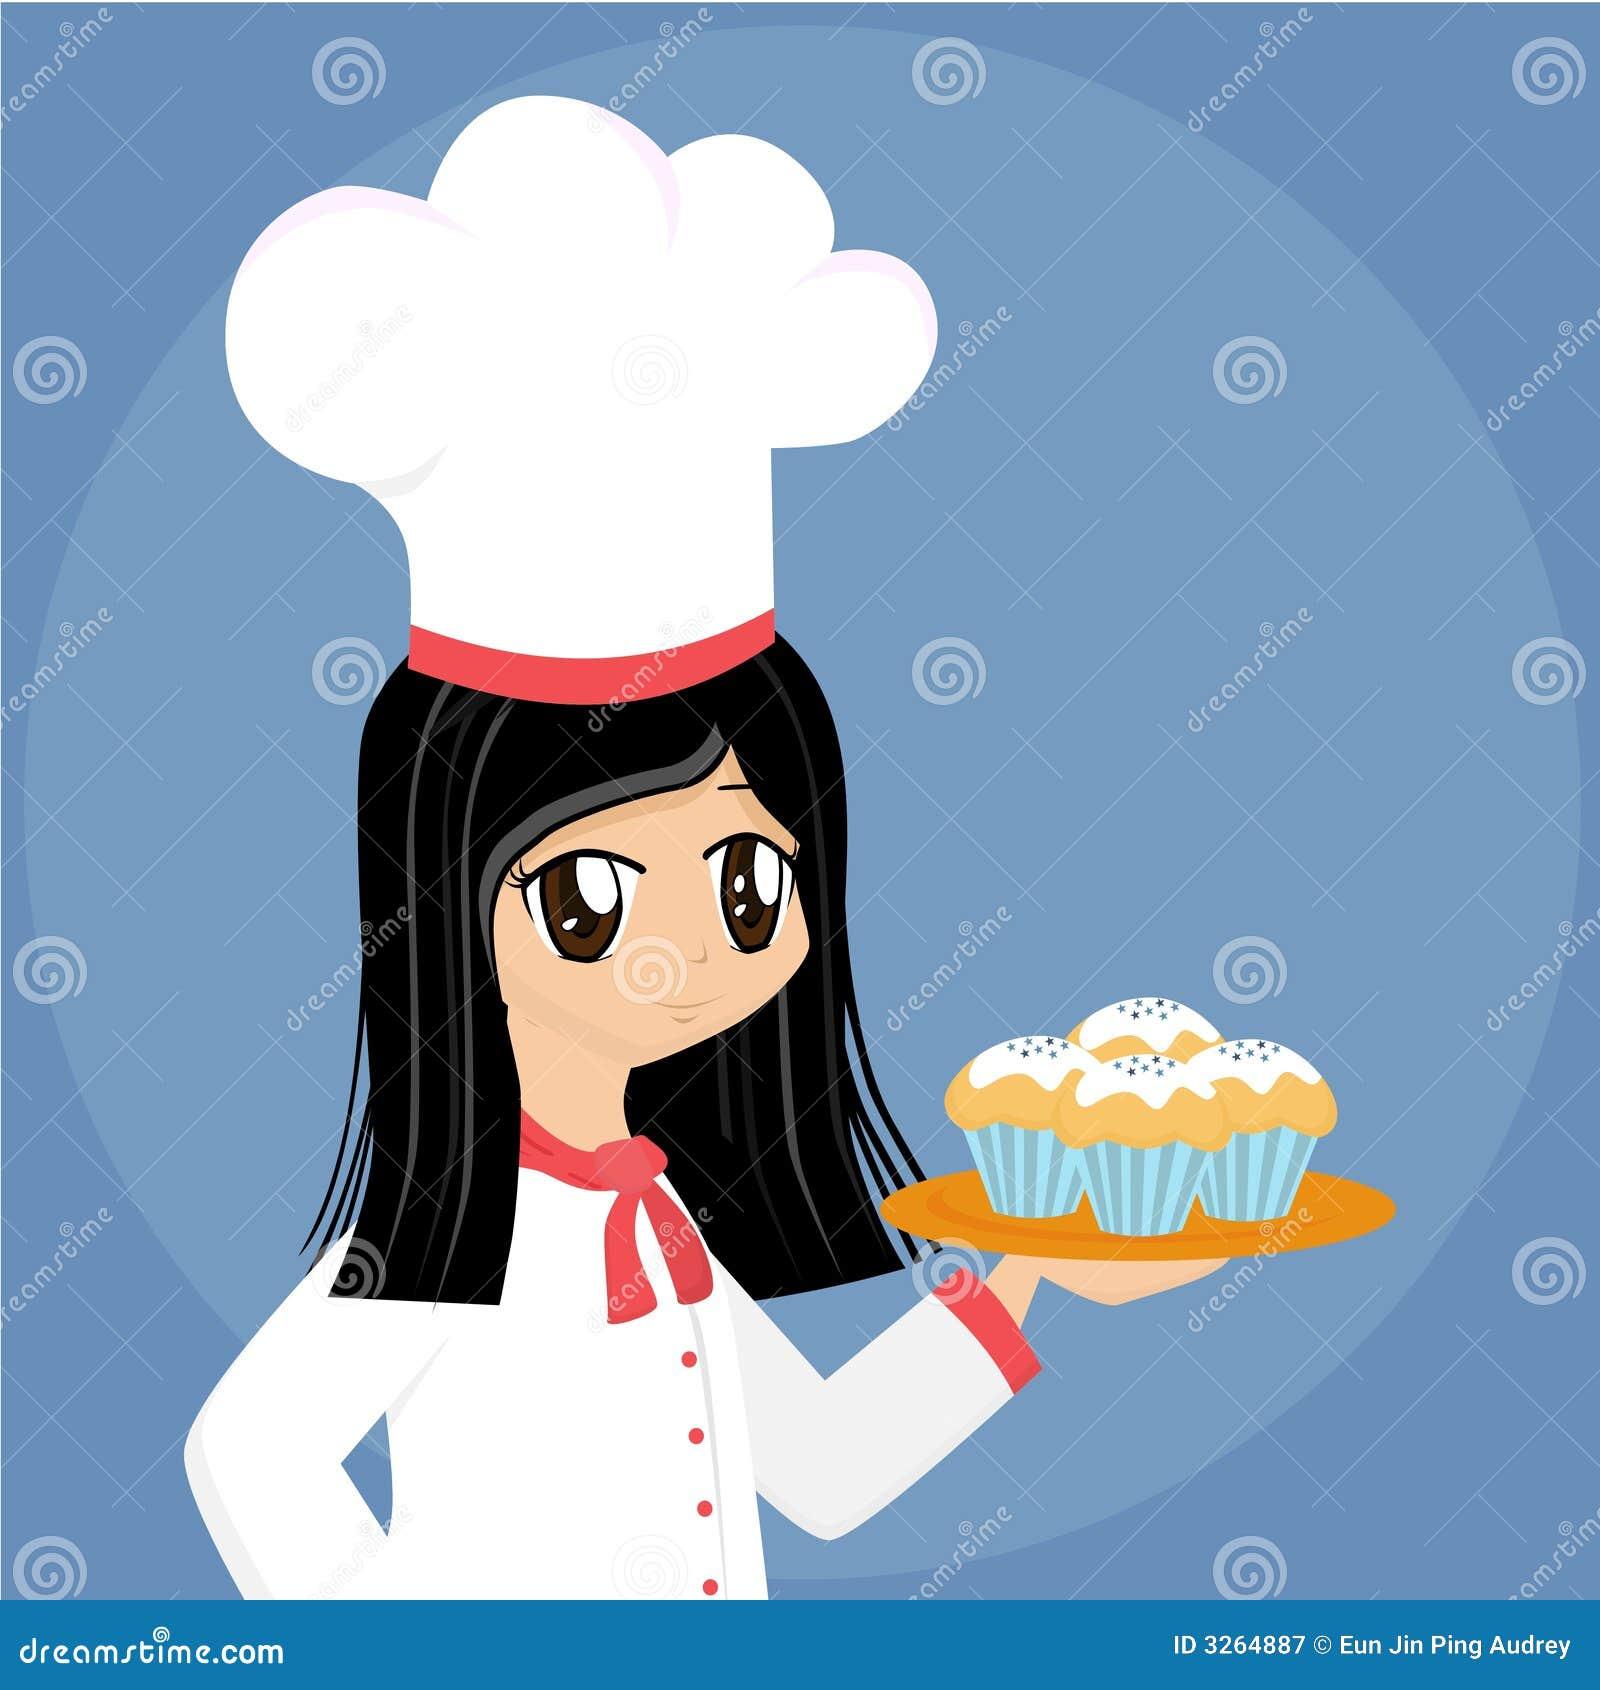 Cute Cartoon Baker Girl Stock Vector Illustration Of